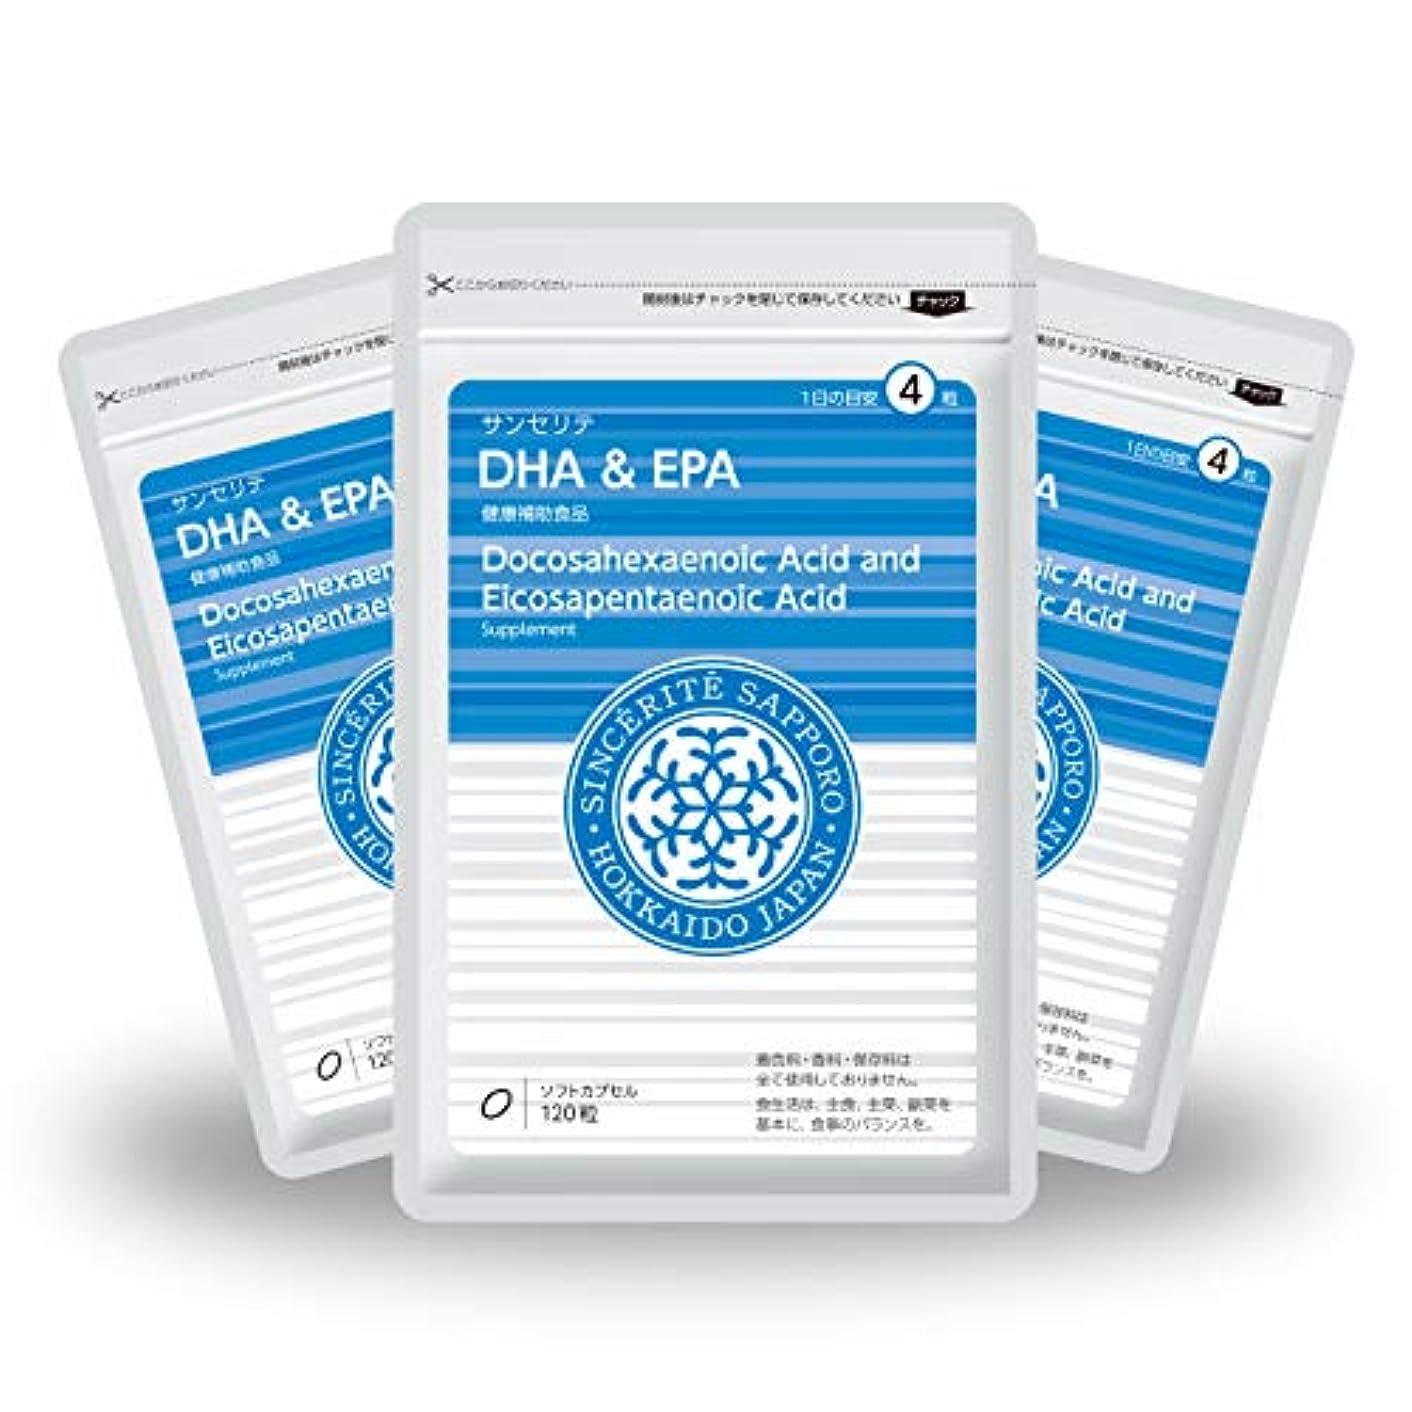 分子若い蒸発DHA&EPA 3袋セット[送料無料][DHA]433mg配合[国内製造]お得な90日分